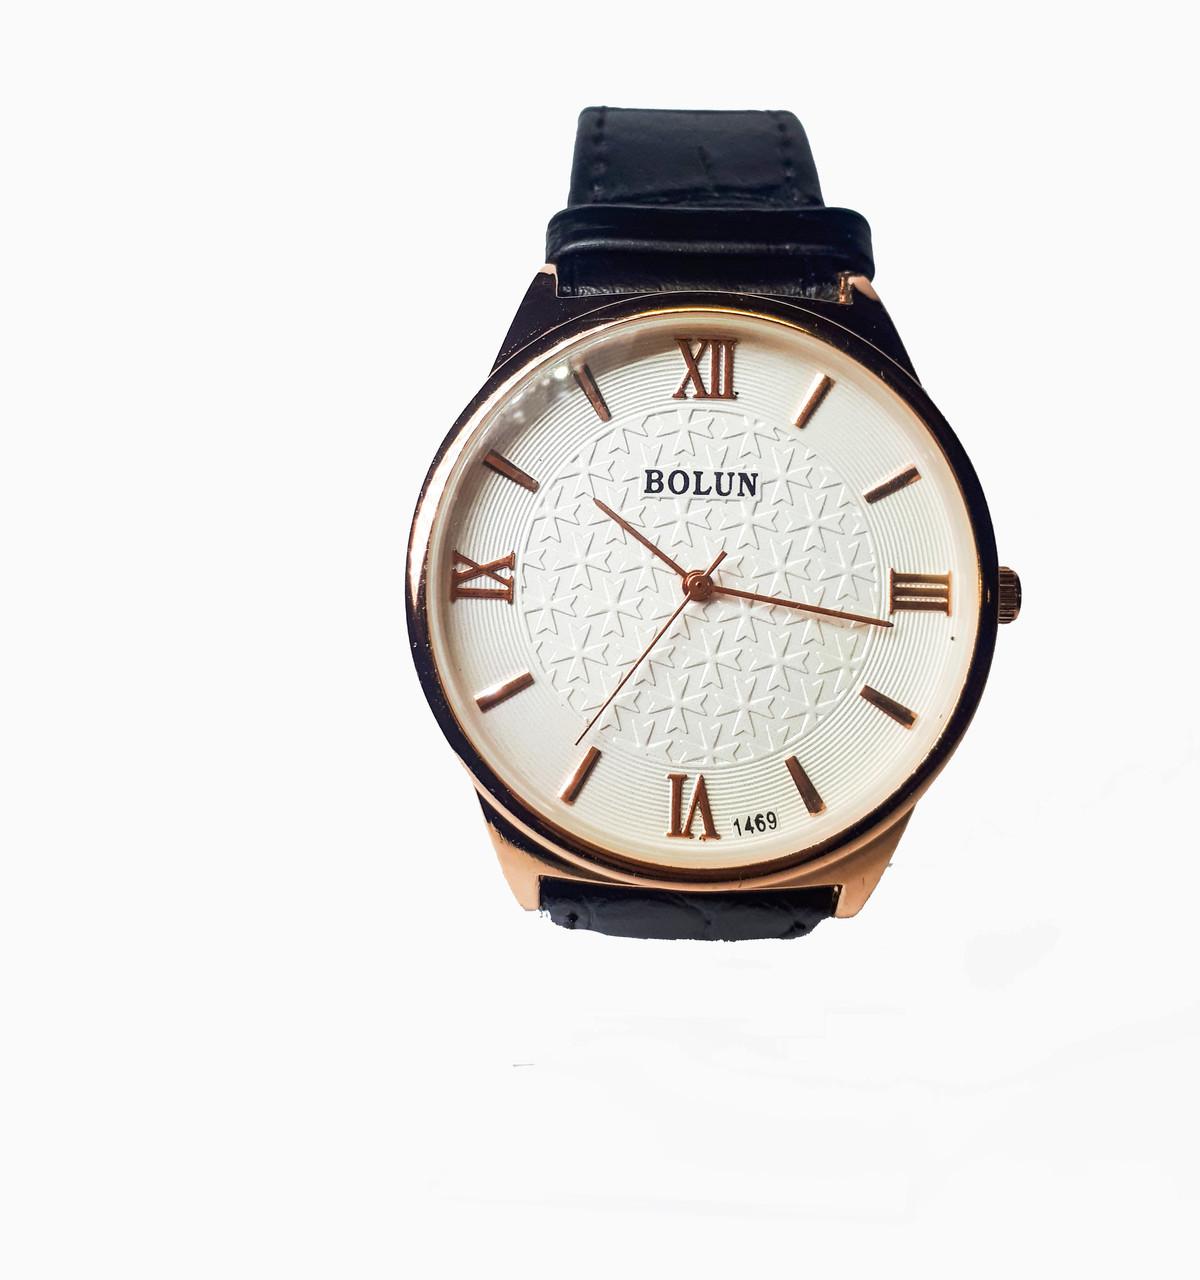 Мужские часы Bolun 1469 Черный